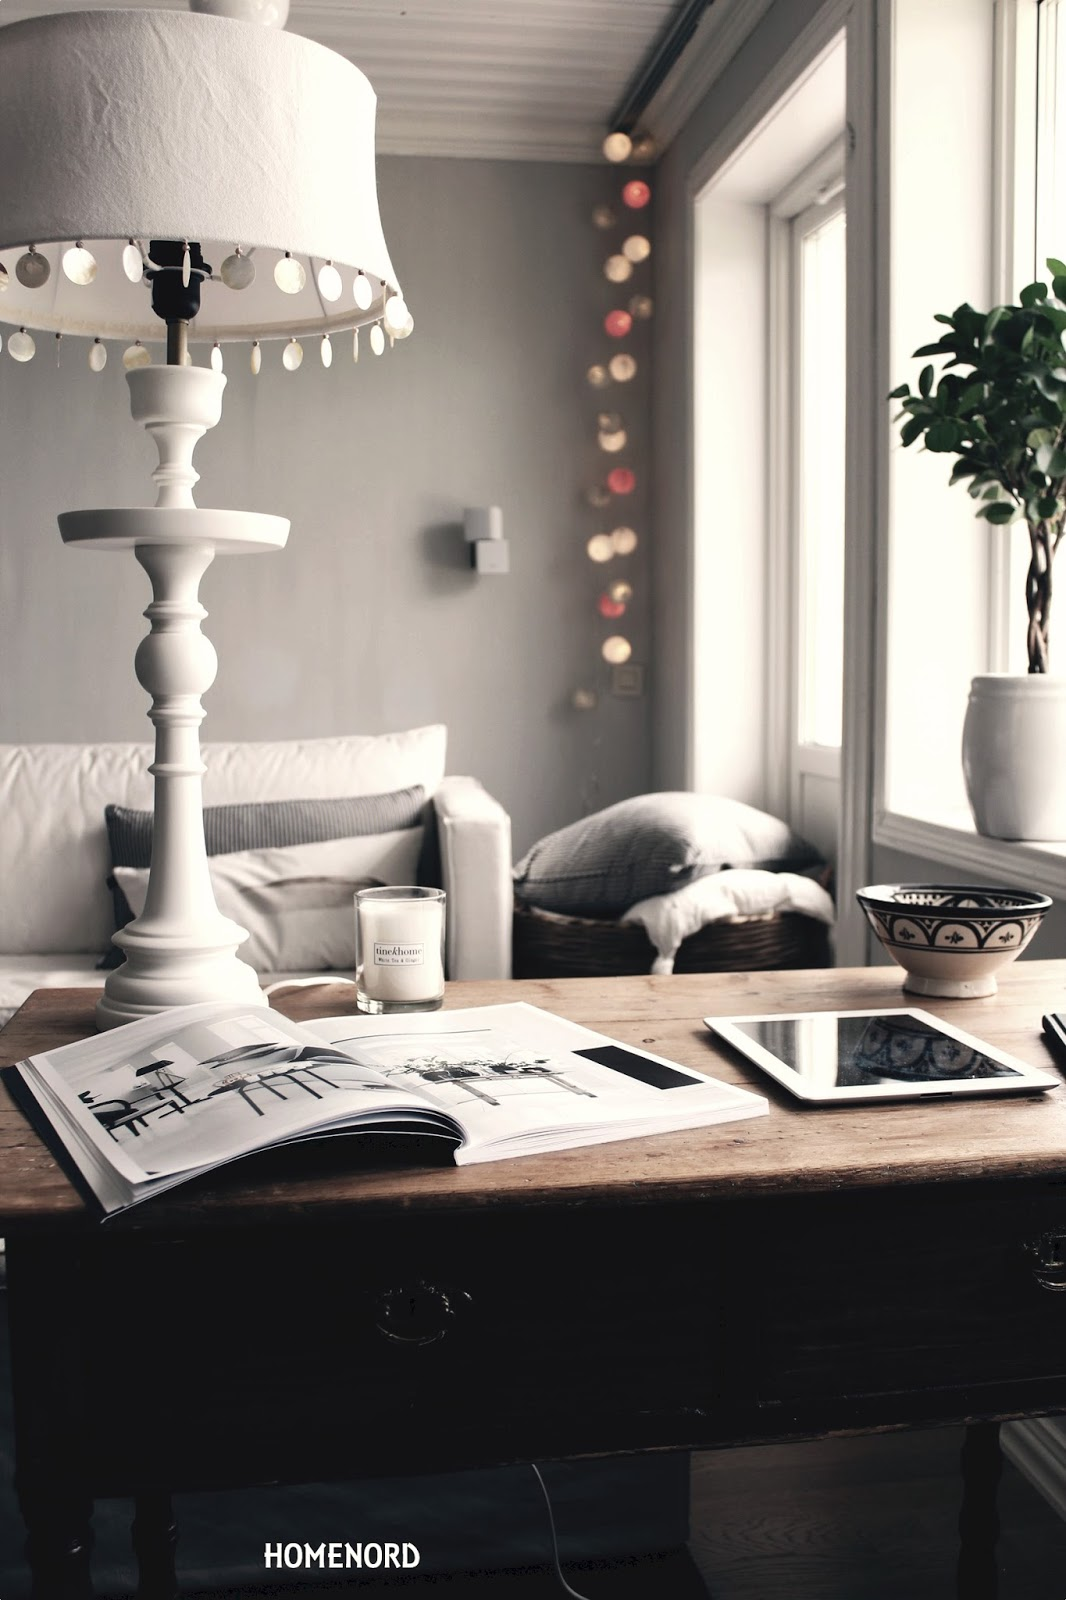 home nord tine k lampfot l tine k lampunjalka l. Black Bedroom Furniture Sets. Home Design Ideas